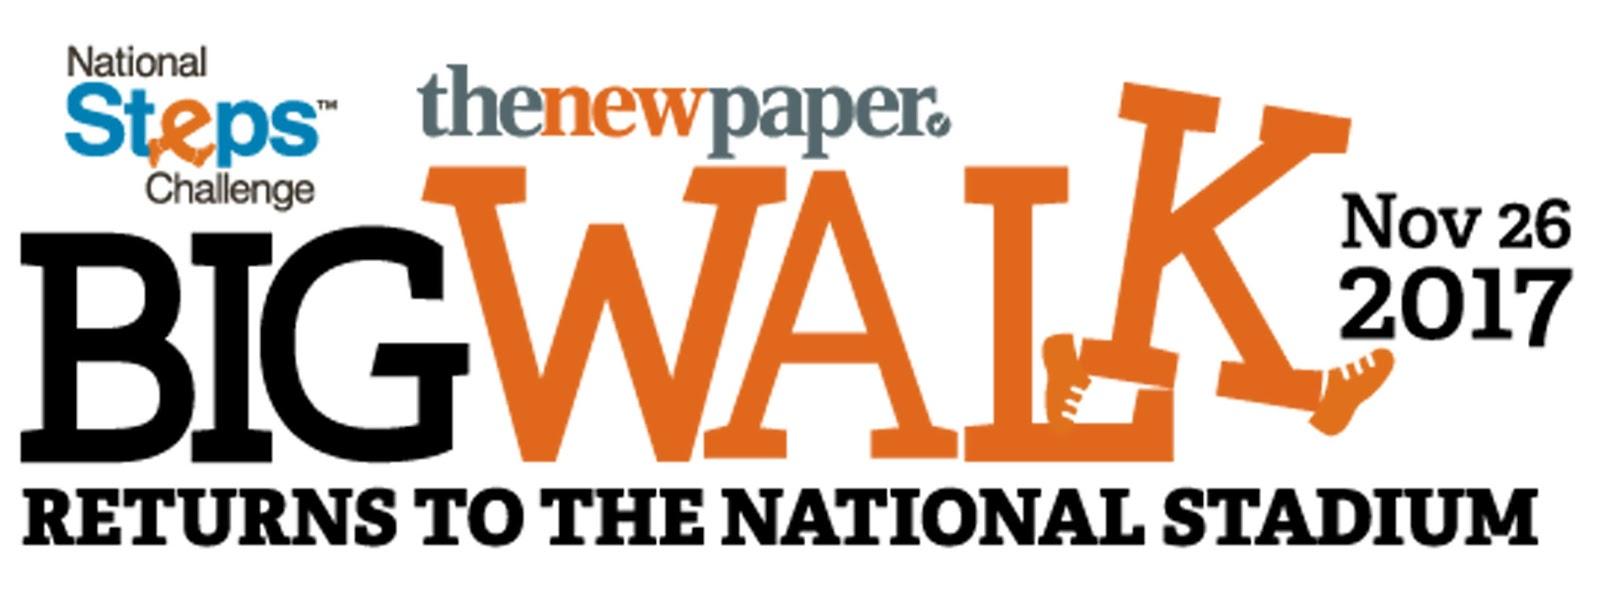 The New Paper Big Walk (26 November 2017)